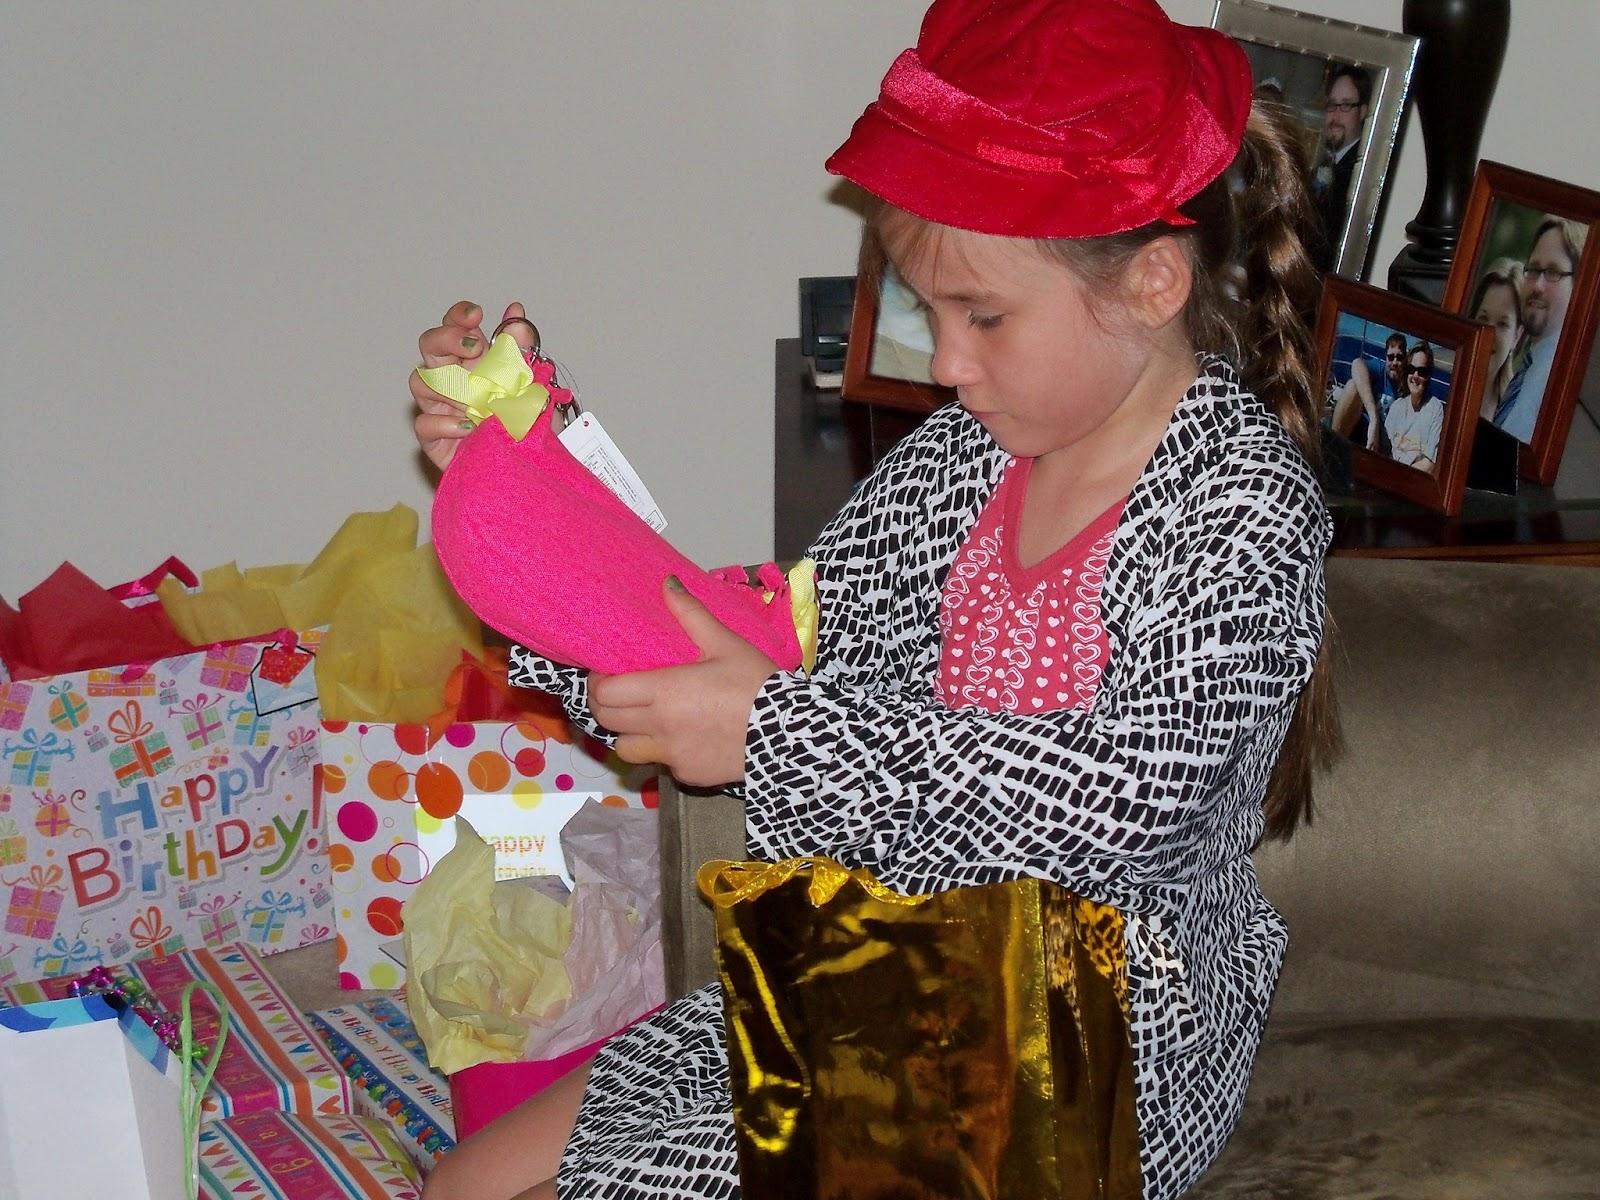 Corinas Birthday Party 2012 - 115_1467.JPG